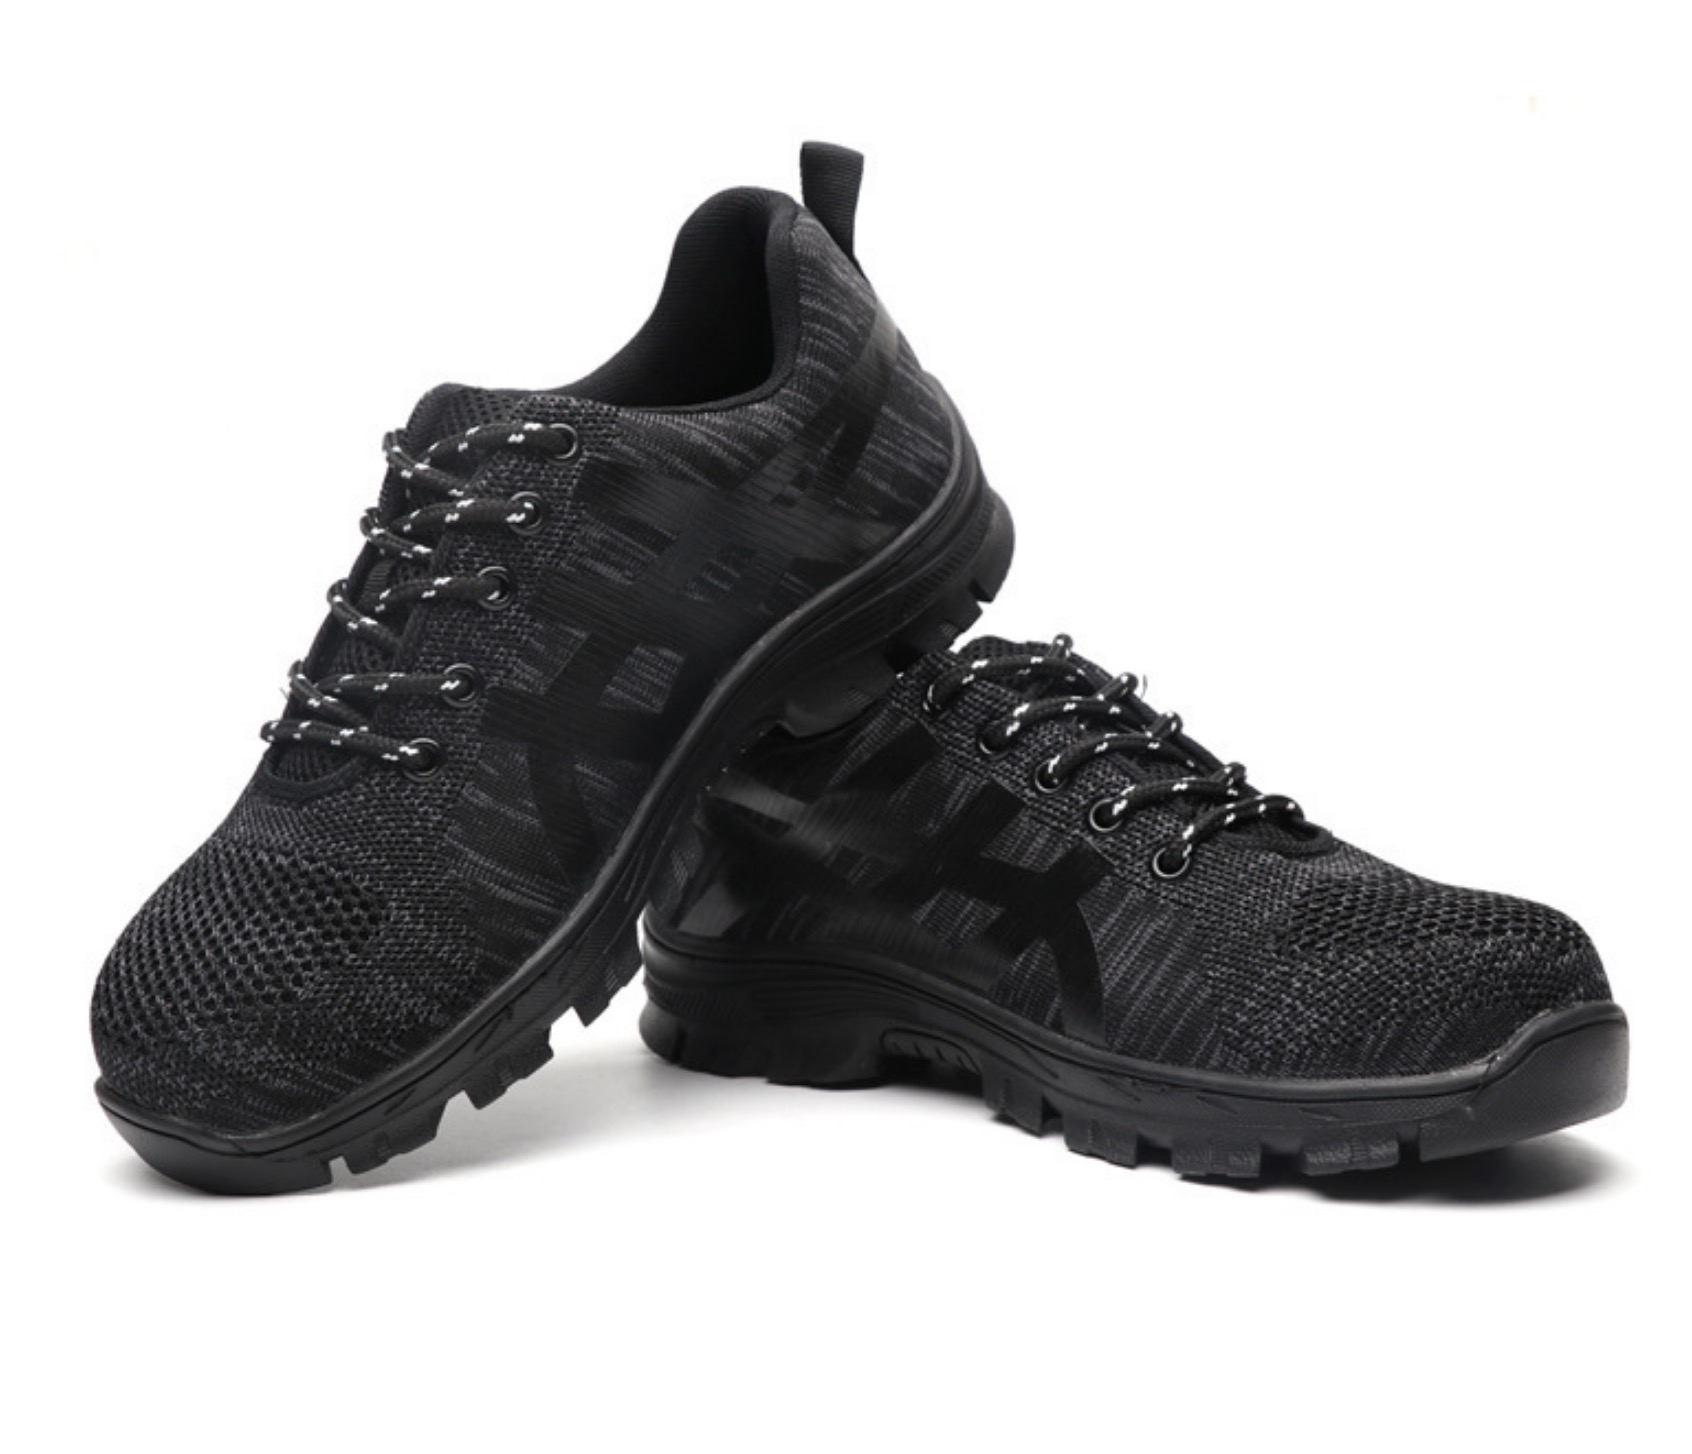 ขนาด:44 45 46 47 48   50  รองเท้าคนอ้วน รองเท้าผู้ชาย รองเท้ากีฬา สี:ตามภาพ